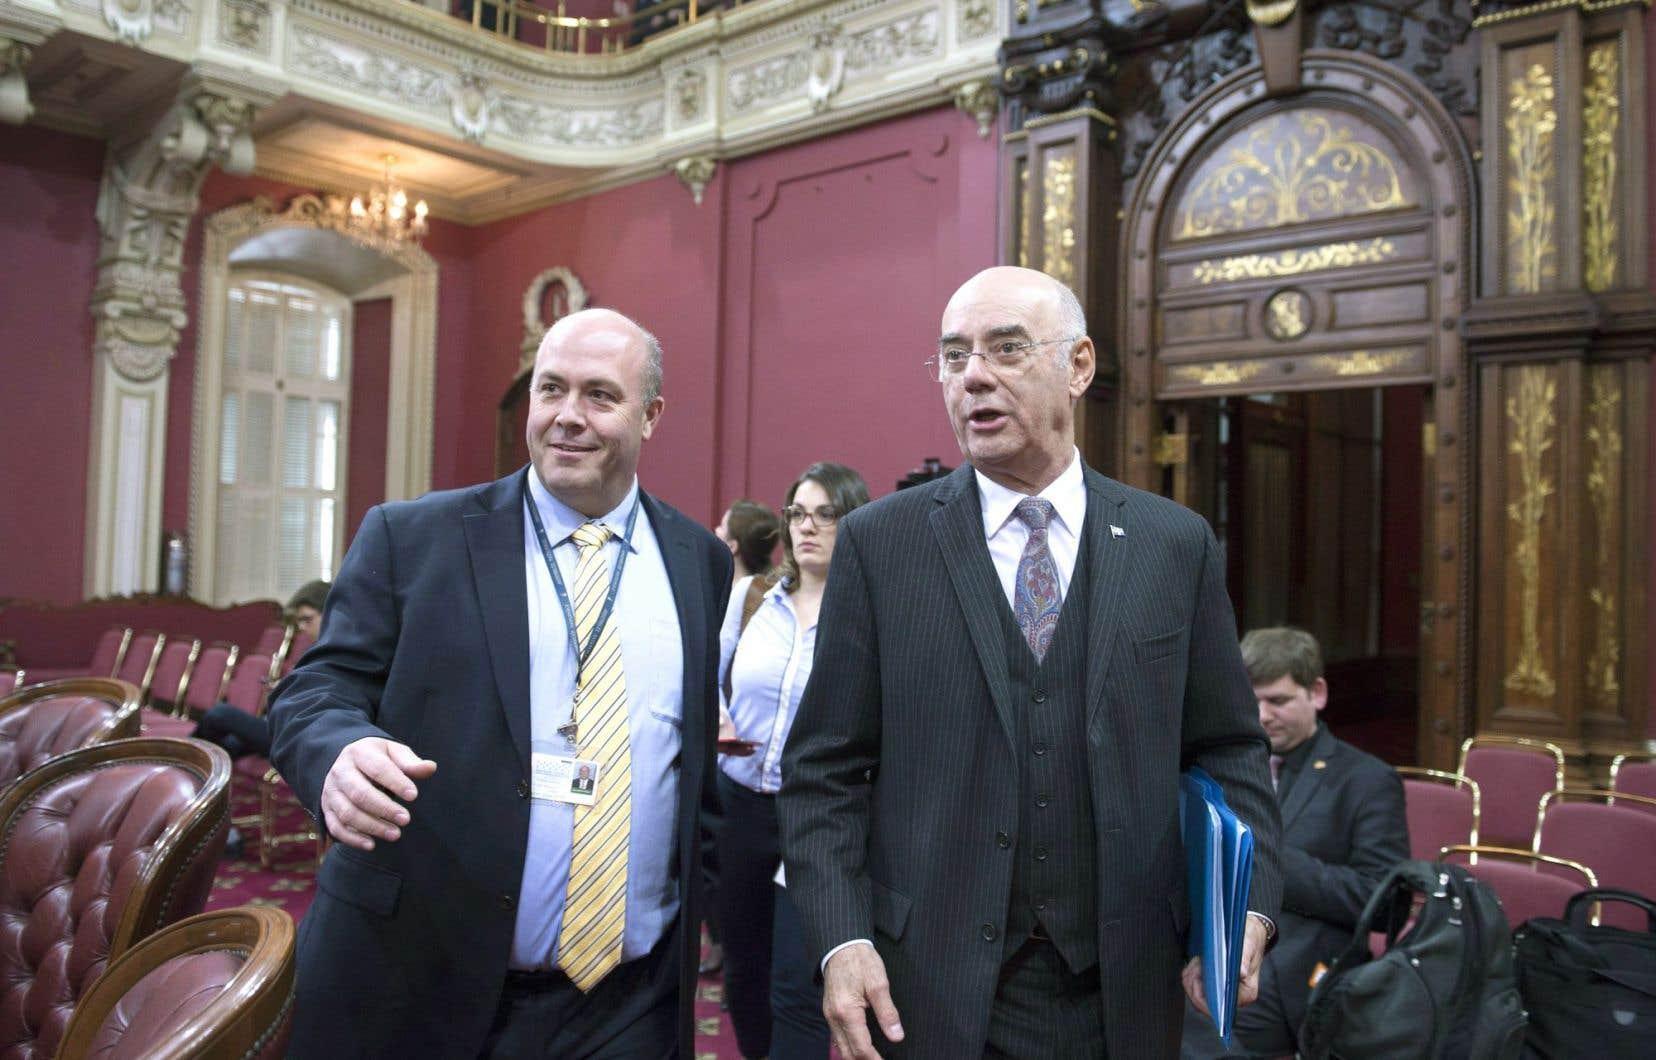 JacquesDaoust a exprimé l'espoir que le gouvernement n'ait pas à recourir à des pénalités excessives pour rétablir l'ordre.